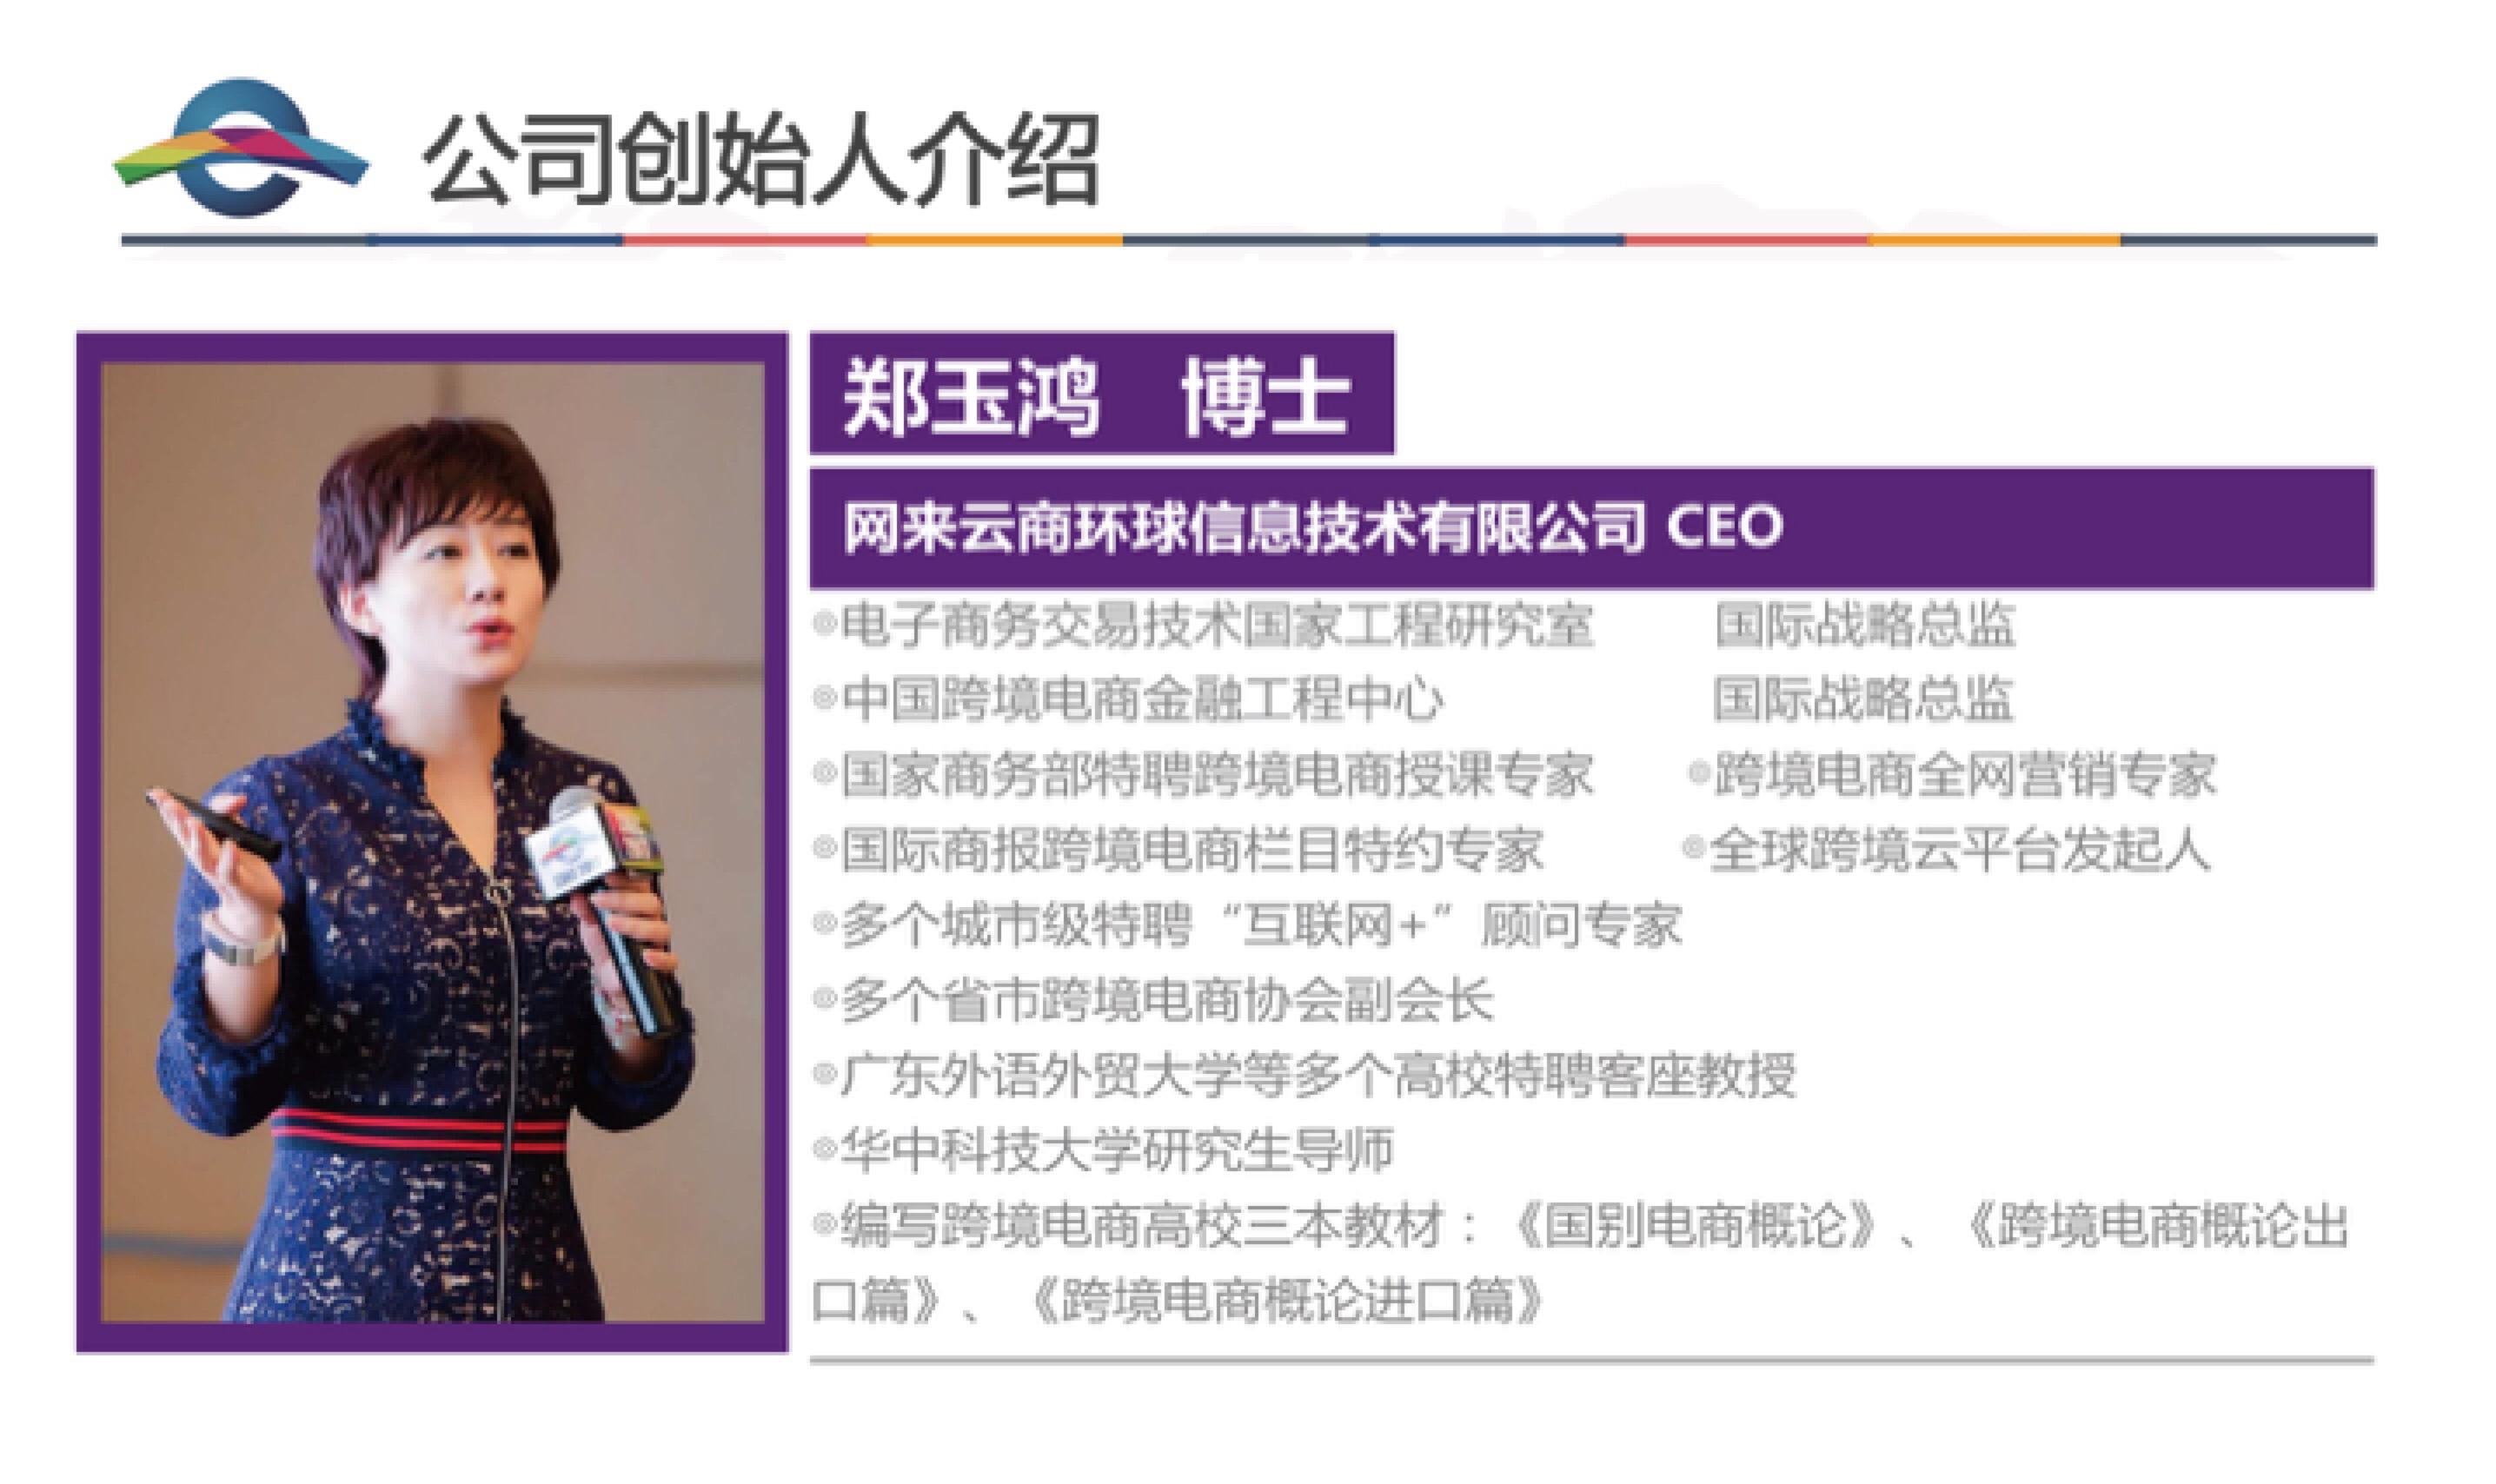 陕西省召开2018品牌企业外贸业务培训班